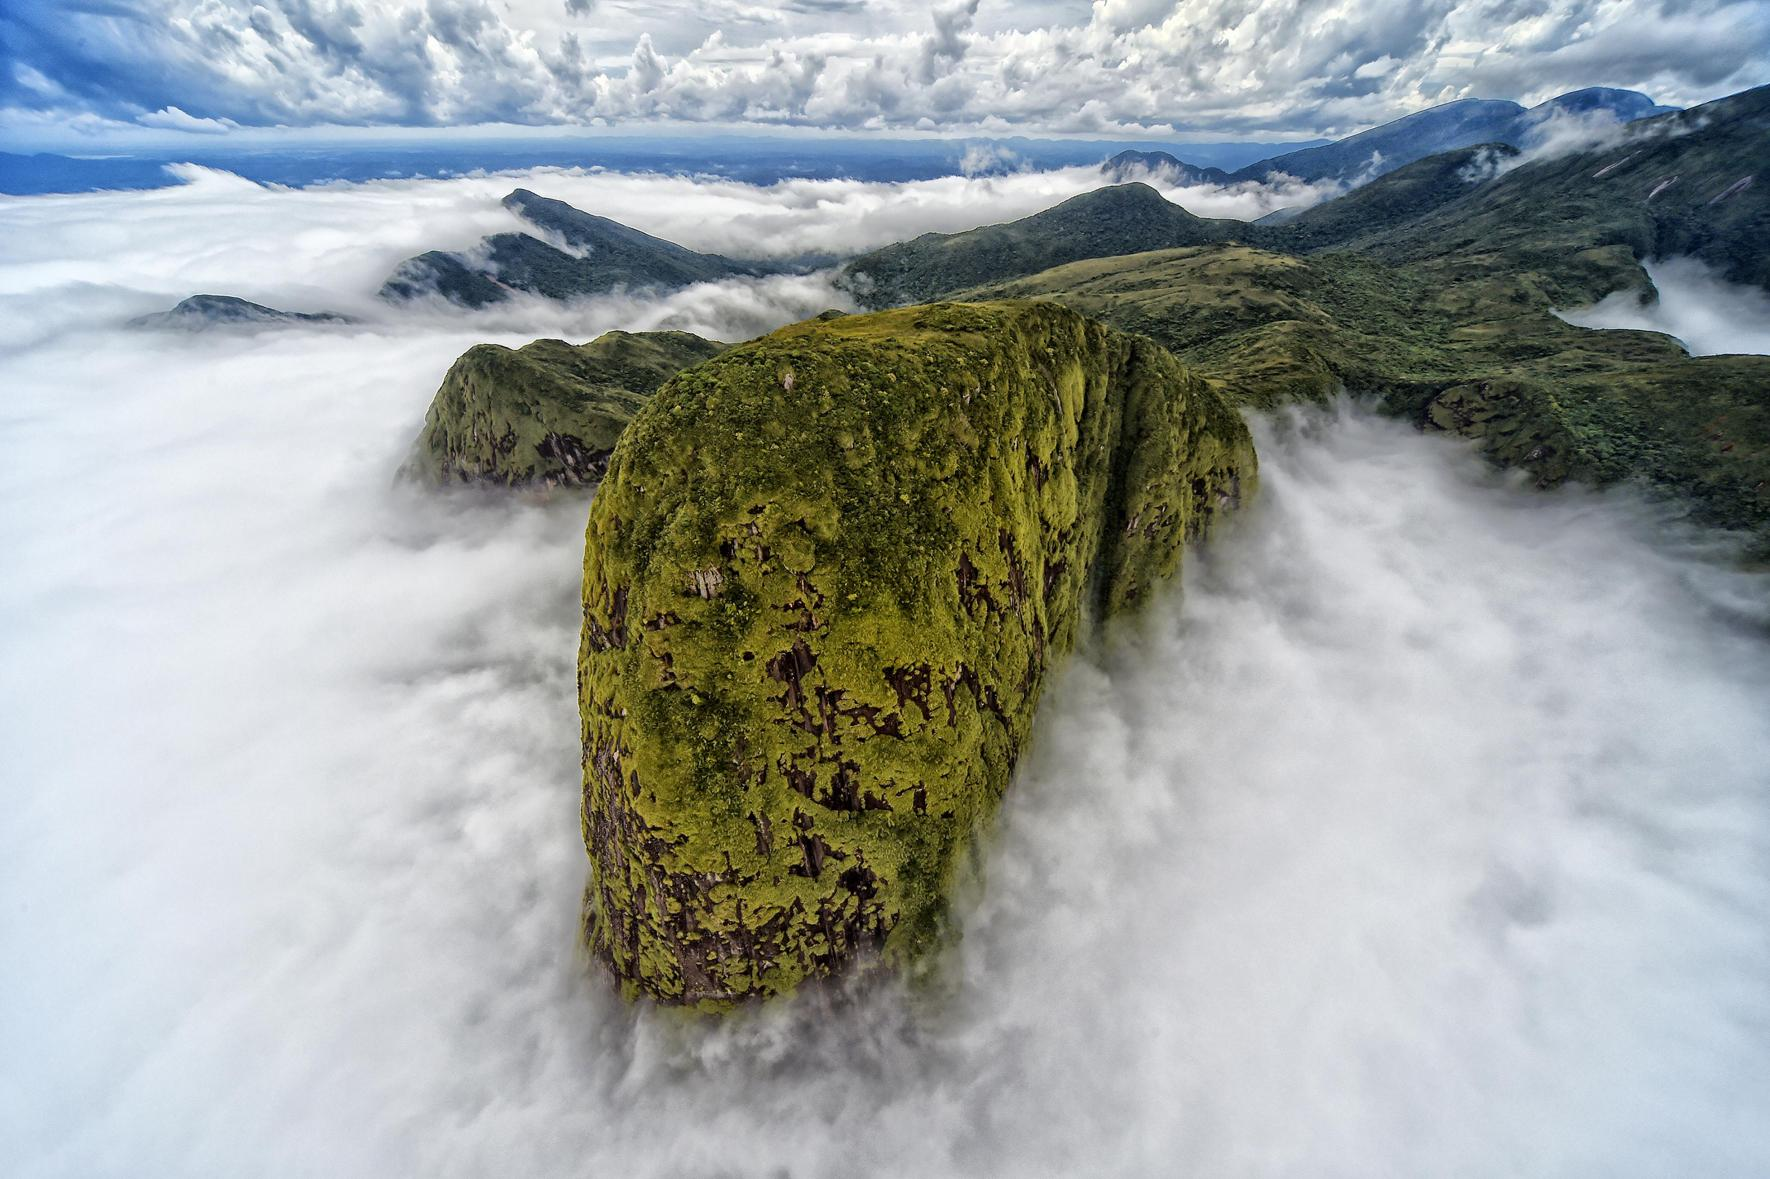 Τη δεύτερη θέση για την κατηγορία Τοπίο κατέκτησε ο Denis Ferreira Netto από τη Βραζιλία. «Σε μια πτήση με ελικόπτερο εκεί που η οροσειρά καταλήγει στη θάλασσα συνάντησα αυτό το λευκό πέπλο σύννεφων, το οποίο είχε ως αποτέλεσμα αυτή την υπέροχη εικόνα. Μου θύμισε το κεφάλι ενός δεινοσαύρου», είπε ο ίδιος